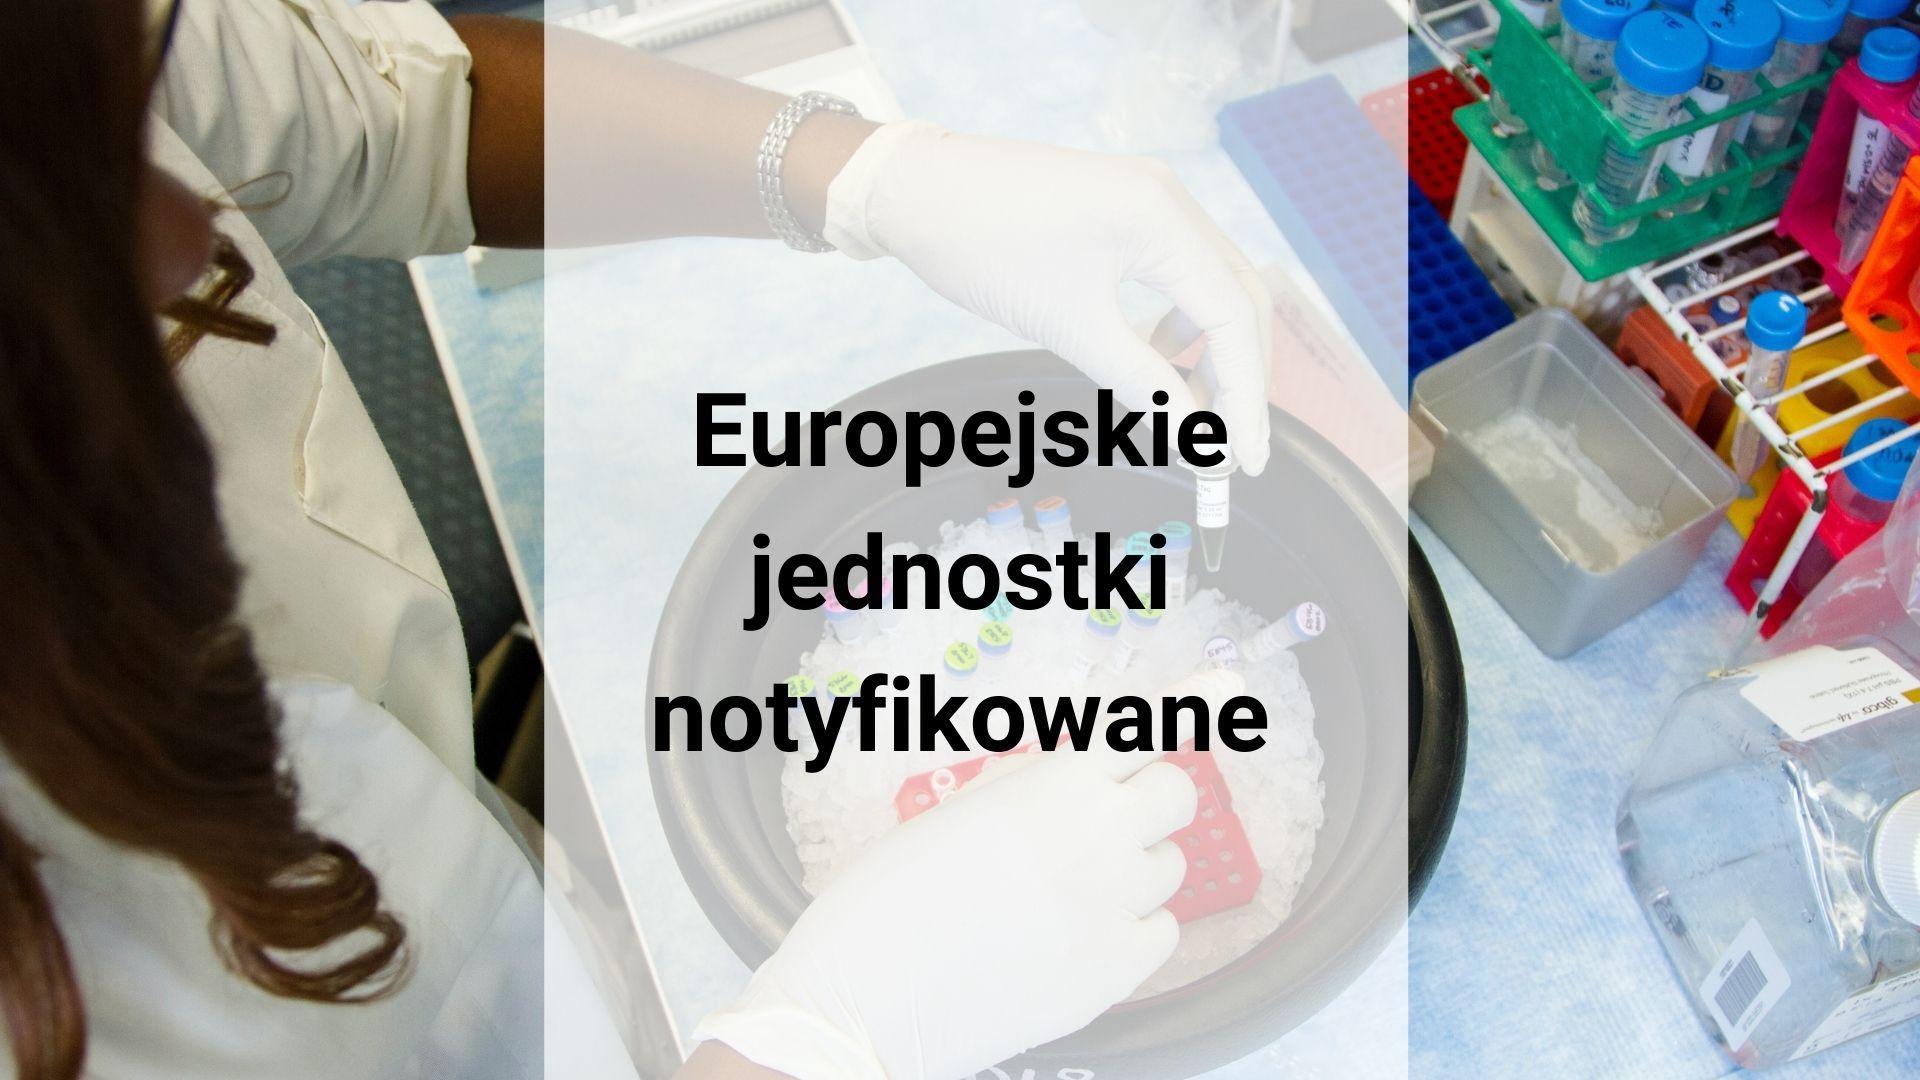 Europejskie jednostki notyfikowane